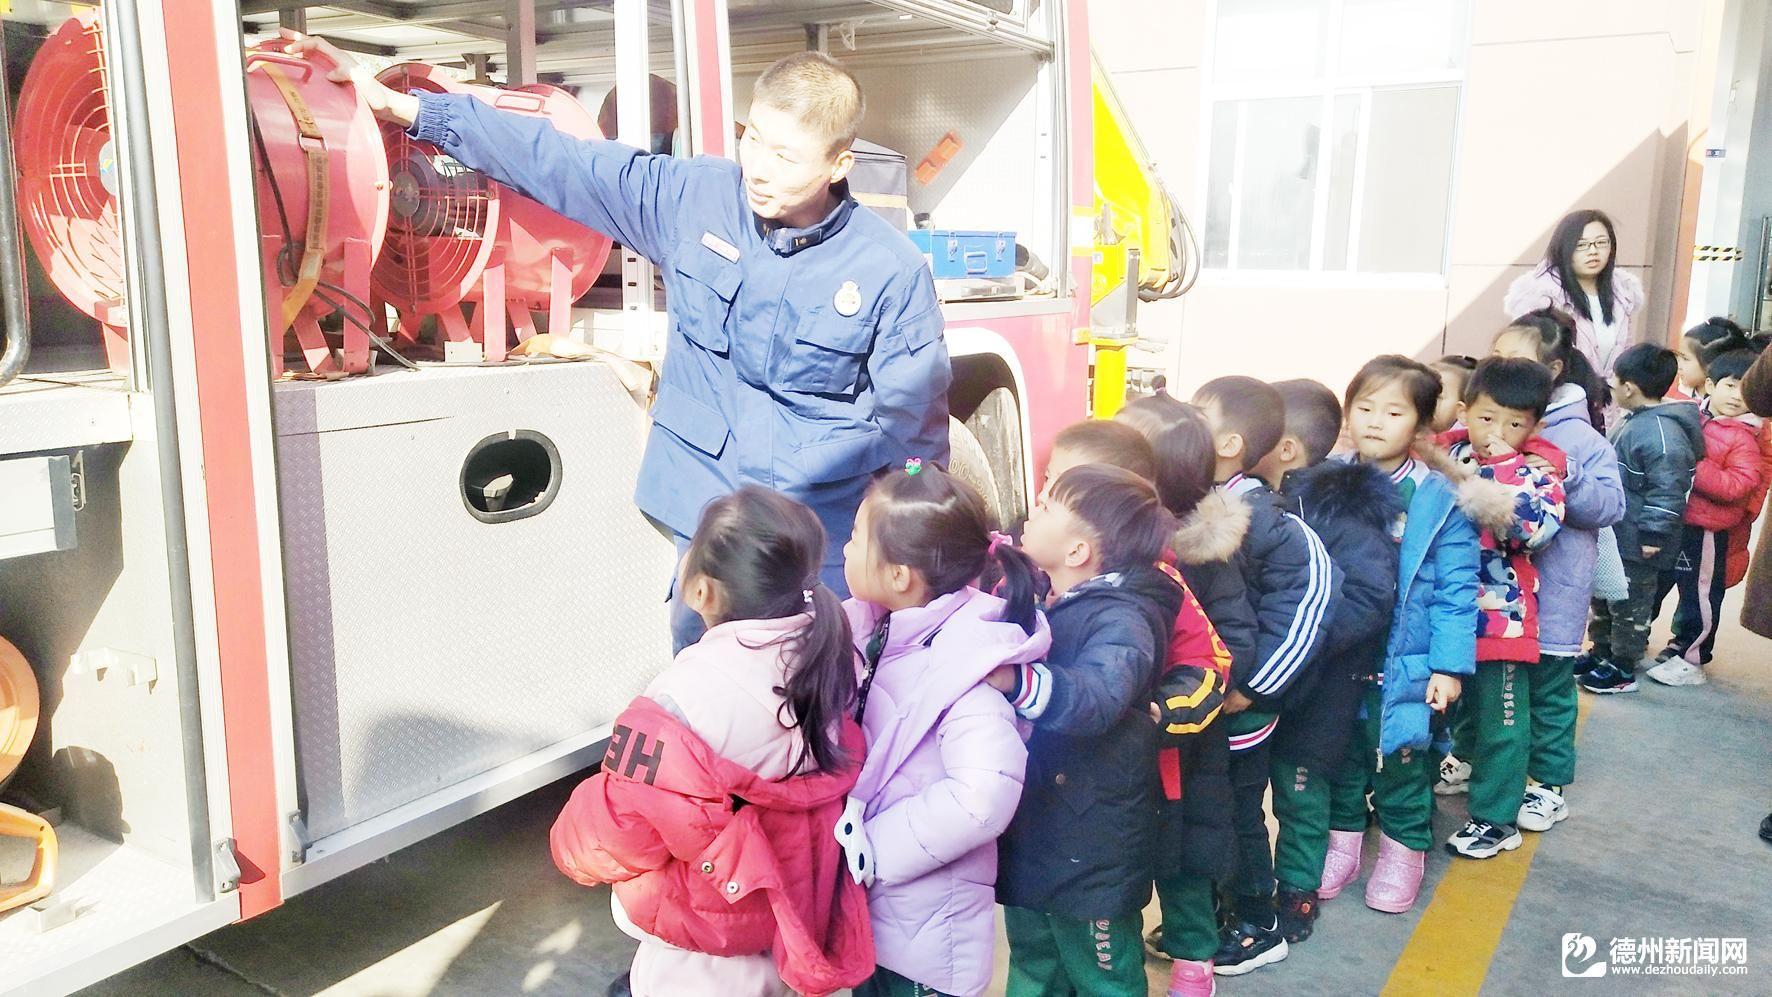 乐陵市教体局组织部分幼儿园师生走进乐陵消防救援大队